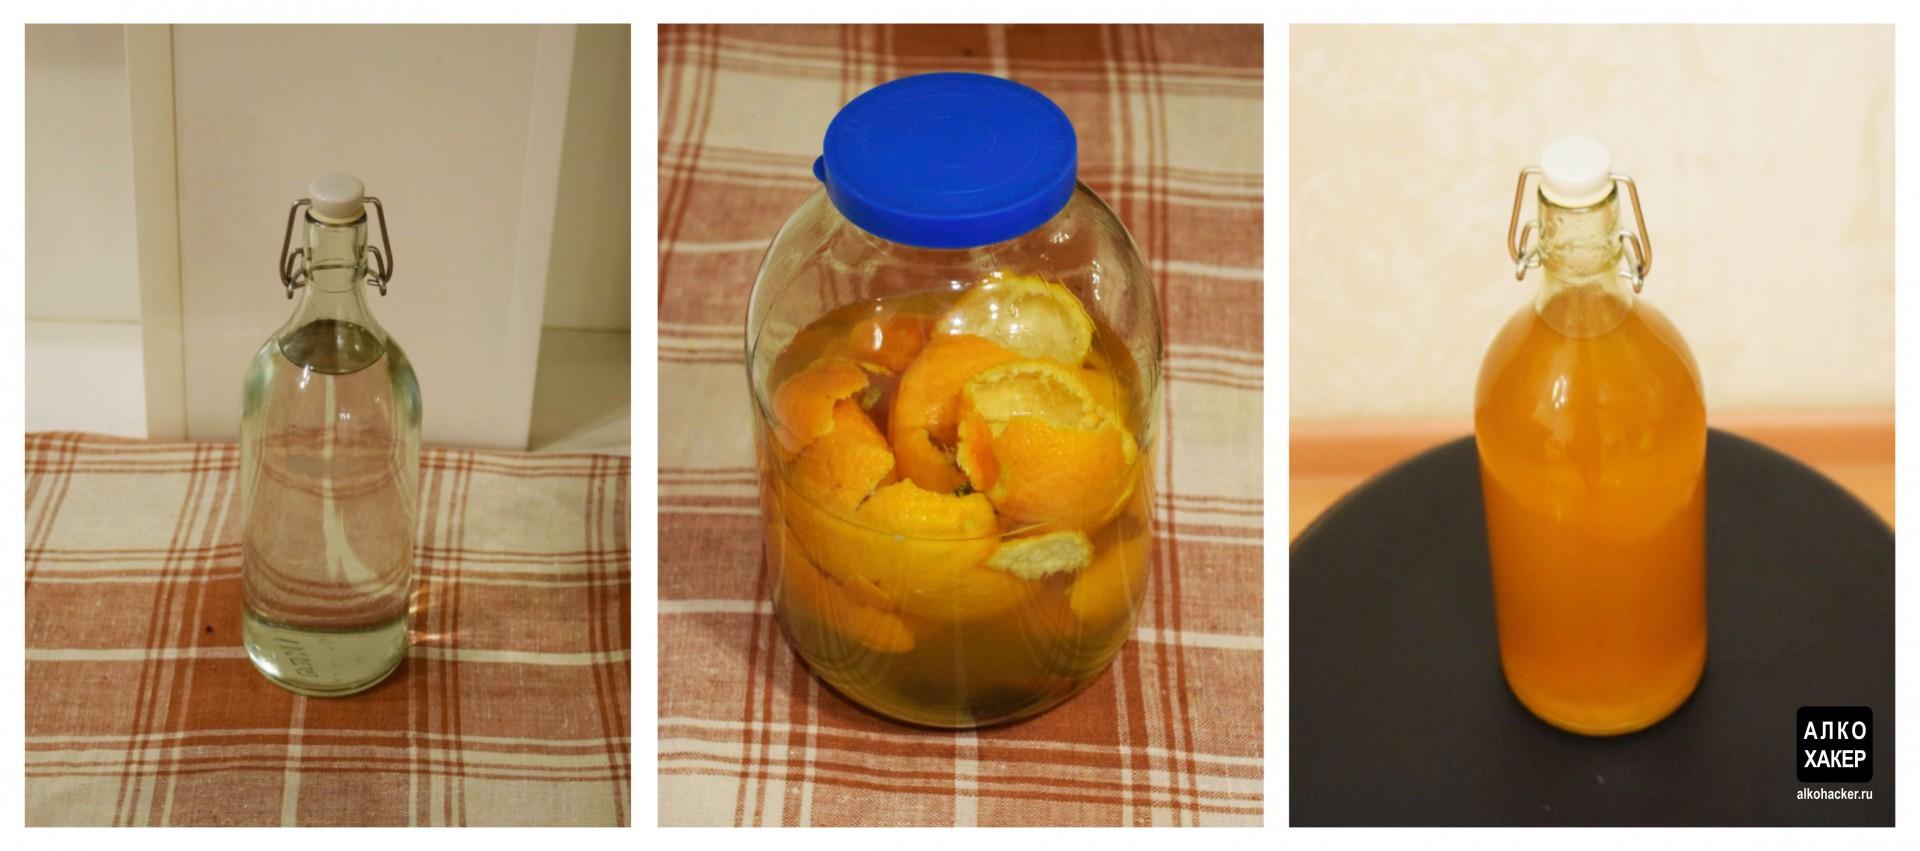 Лимонная брага - рецепты приготовления браги 31